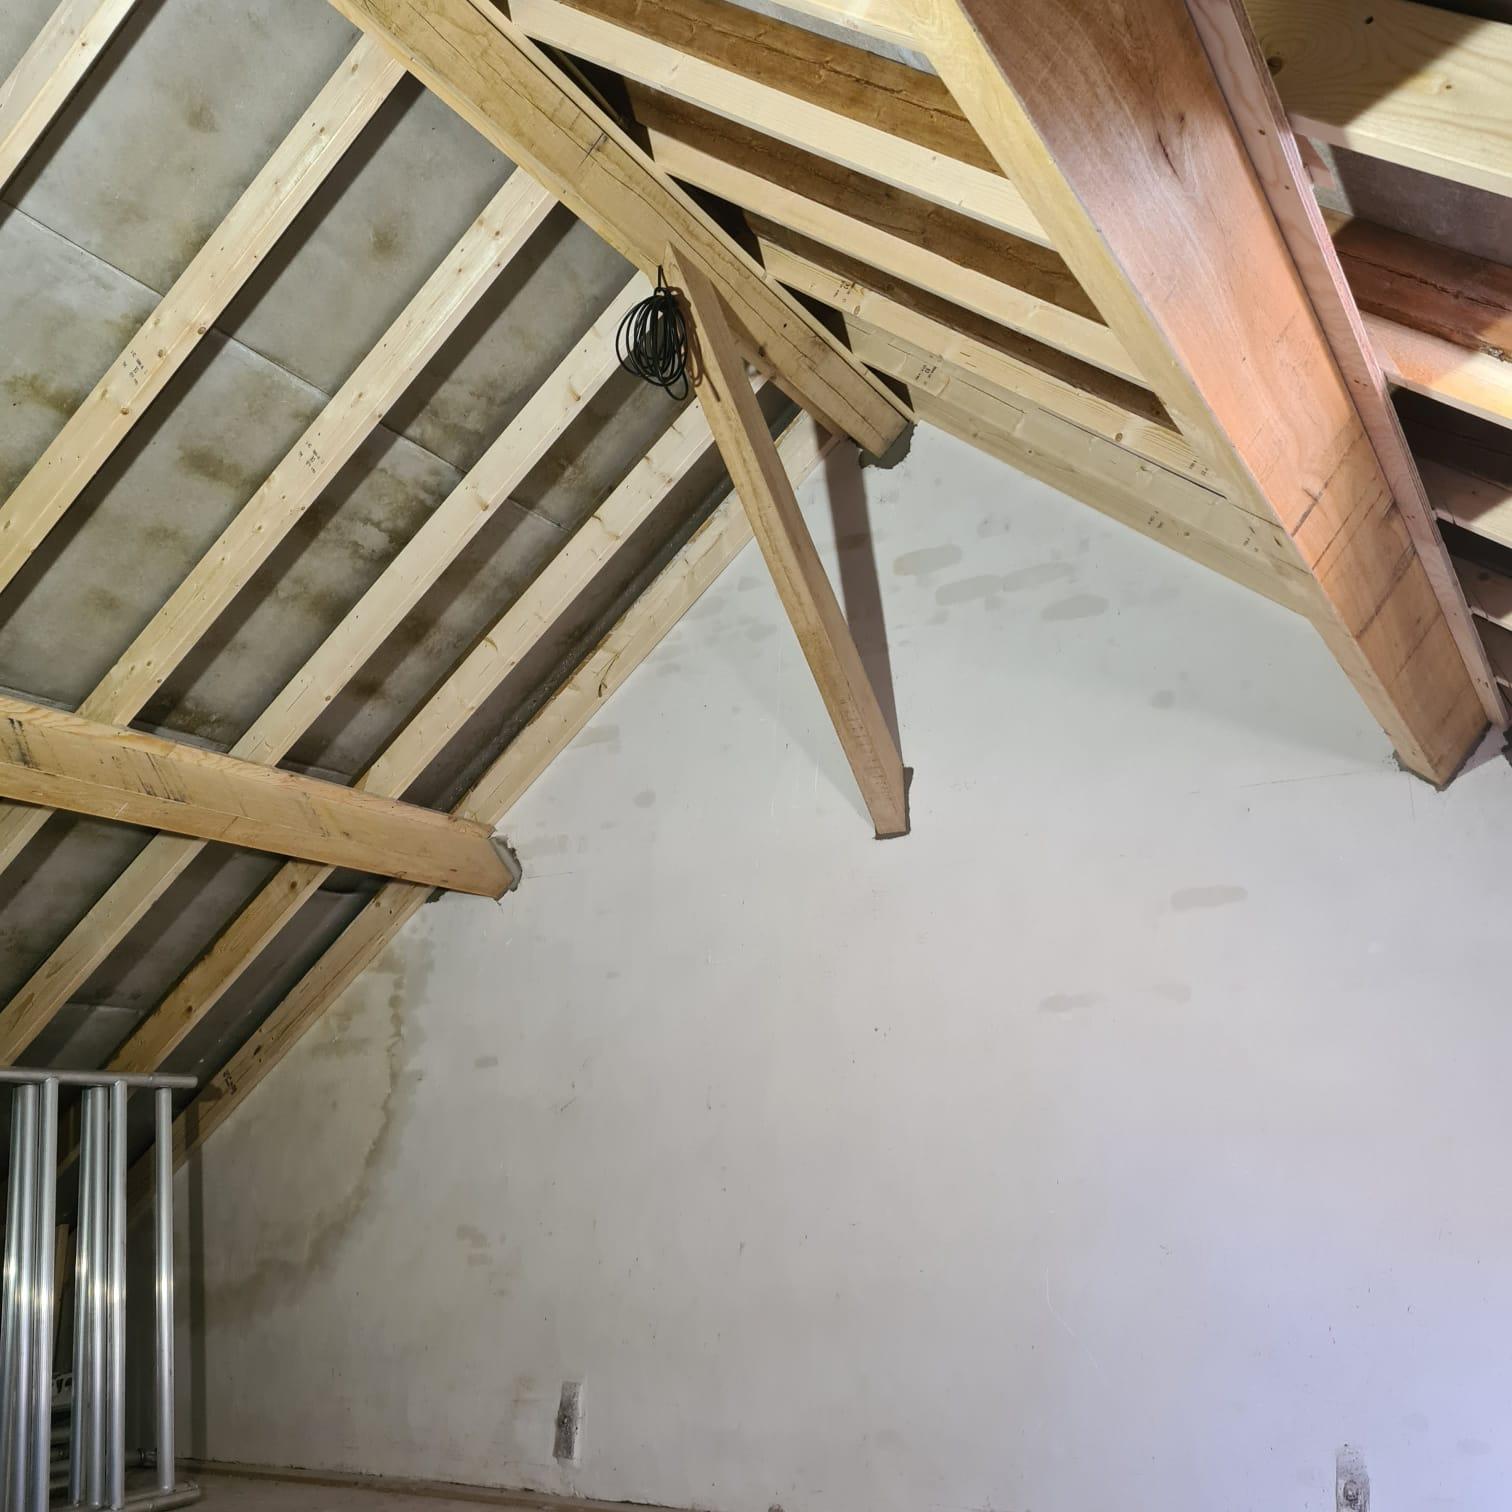 Binnenkant van het dak